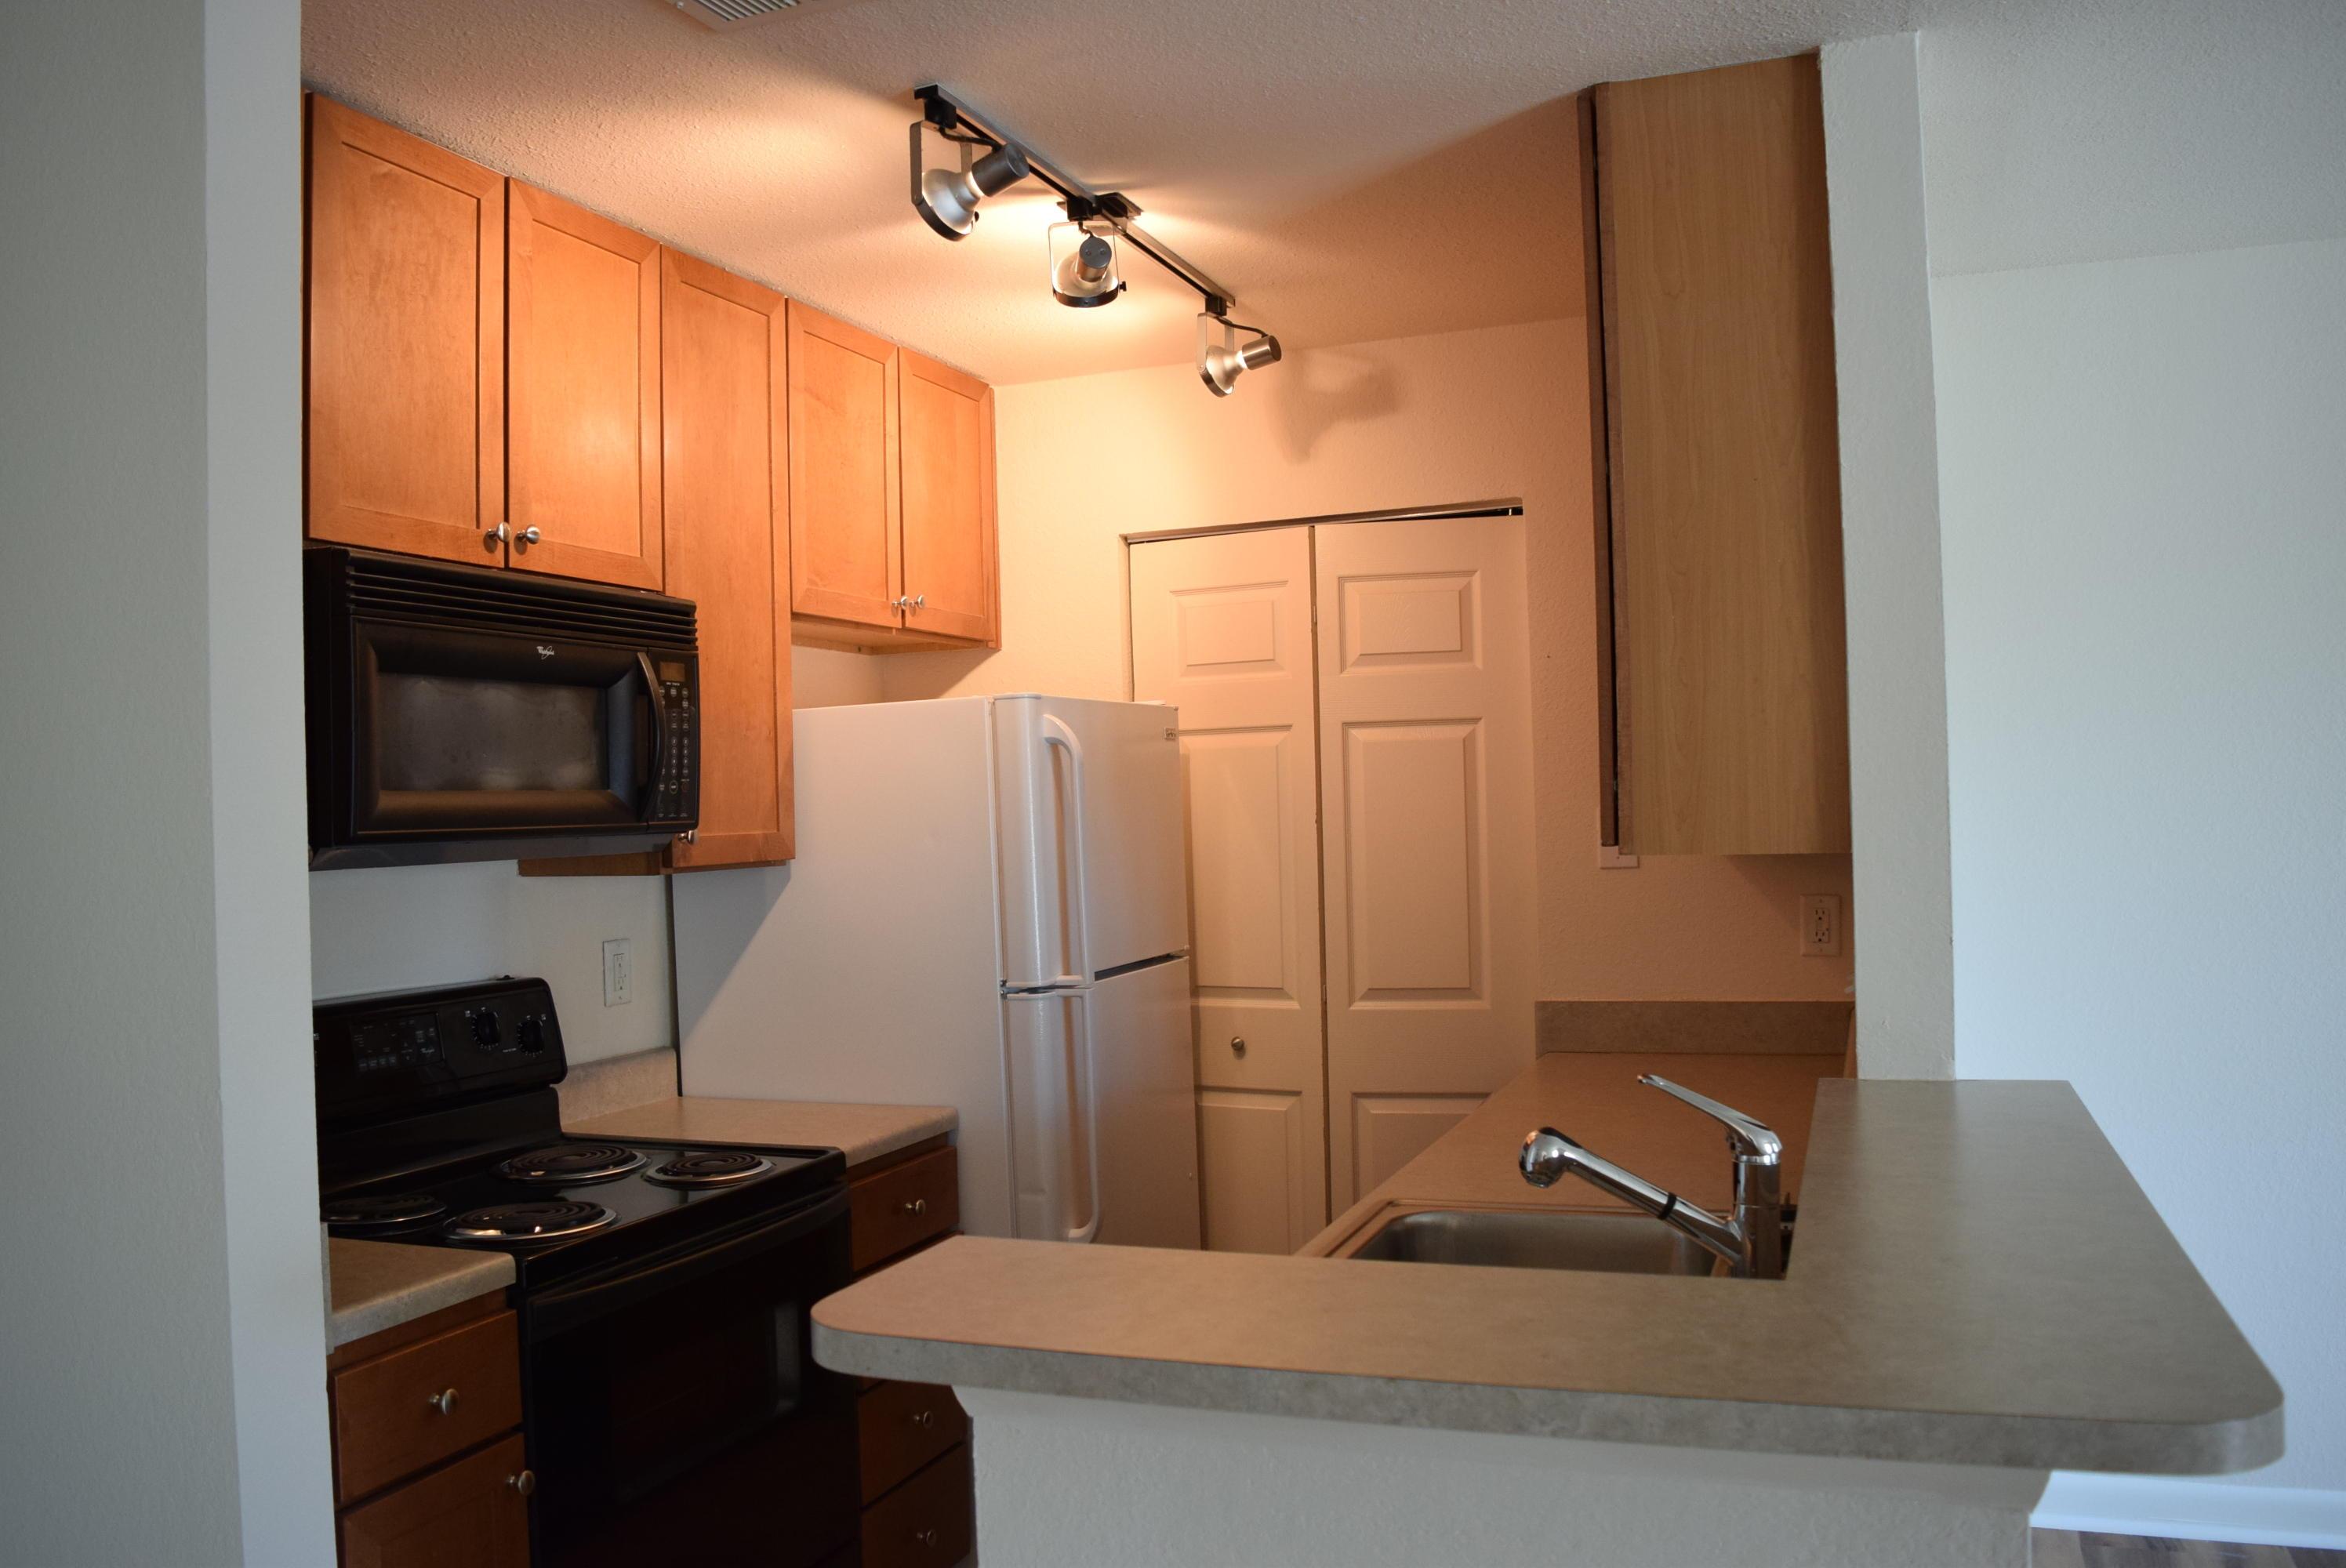 East Bridge Town Lofts Homes For Sale - 276 Alexandra, Mount Pleasant, SC - 5